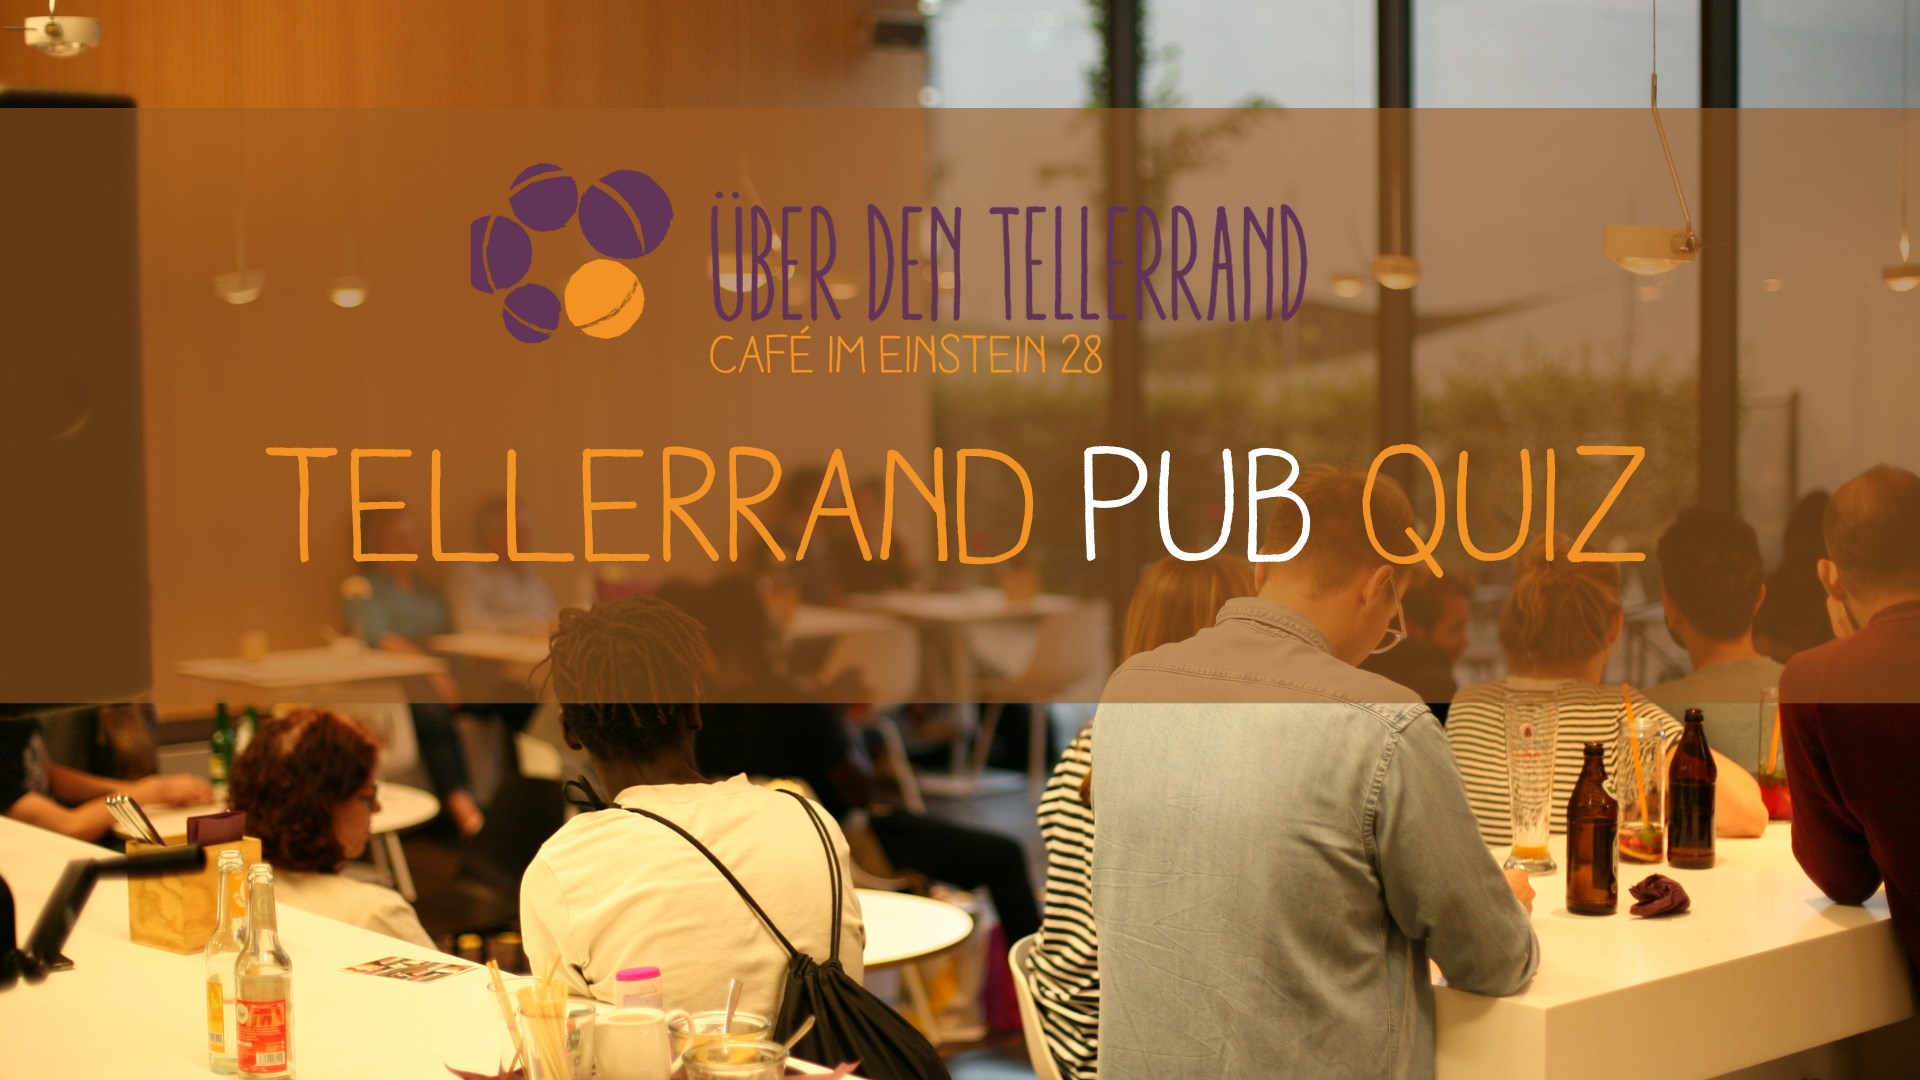 Tellerrand Pub Quiz in München am 21.21.21   Über den Tellerrand ...